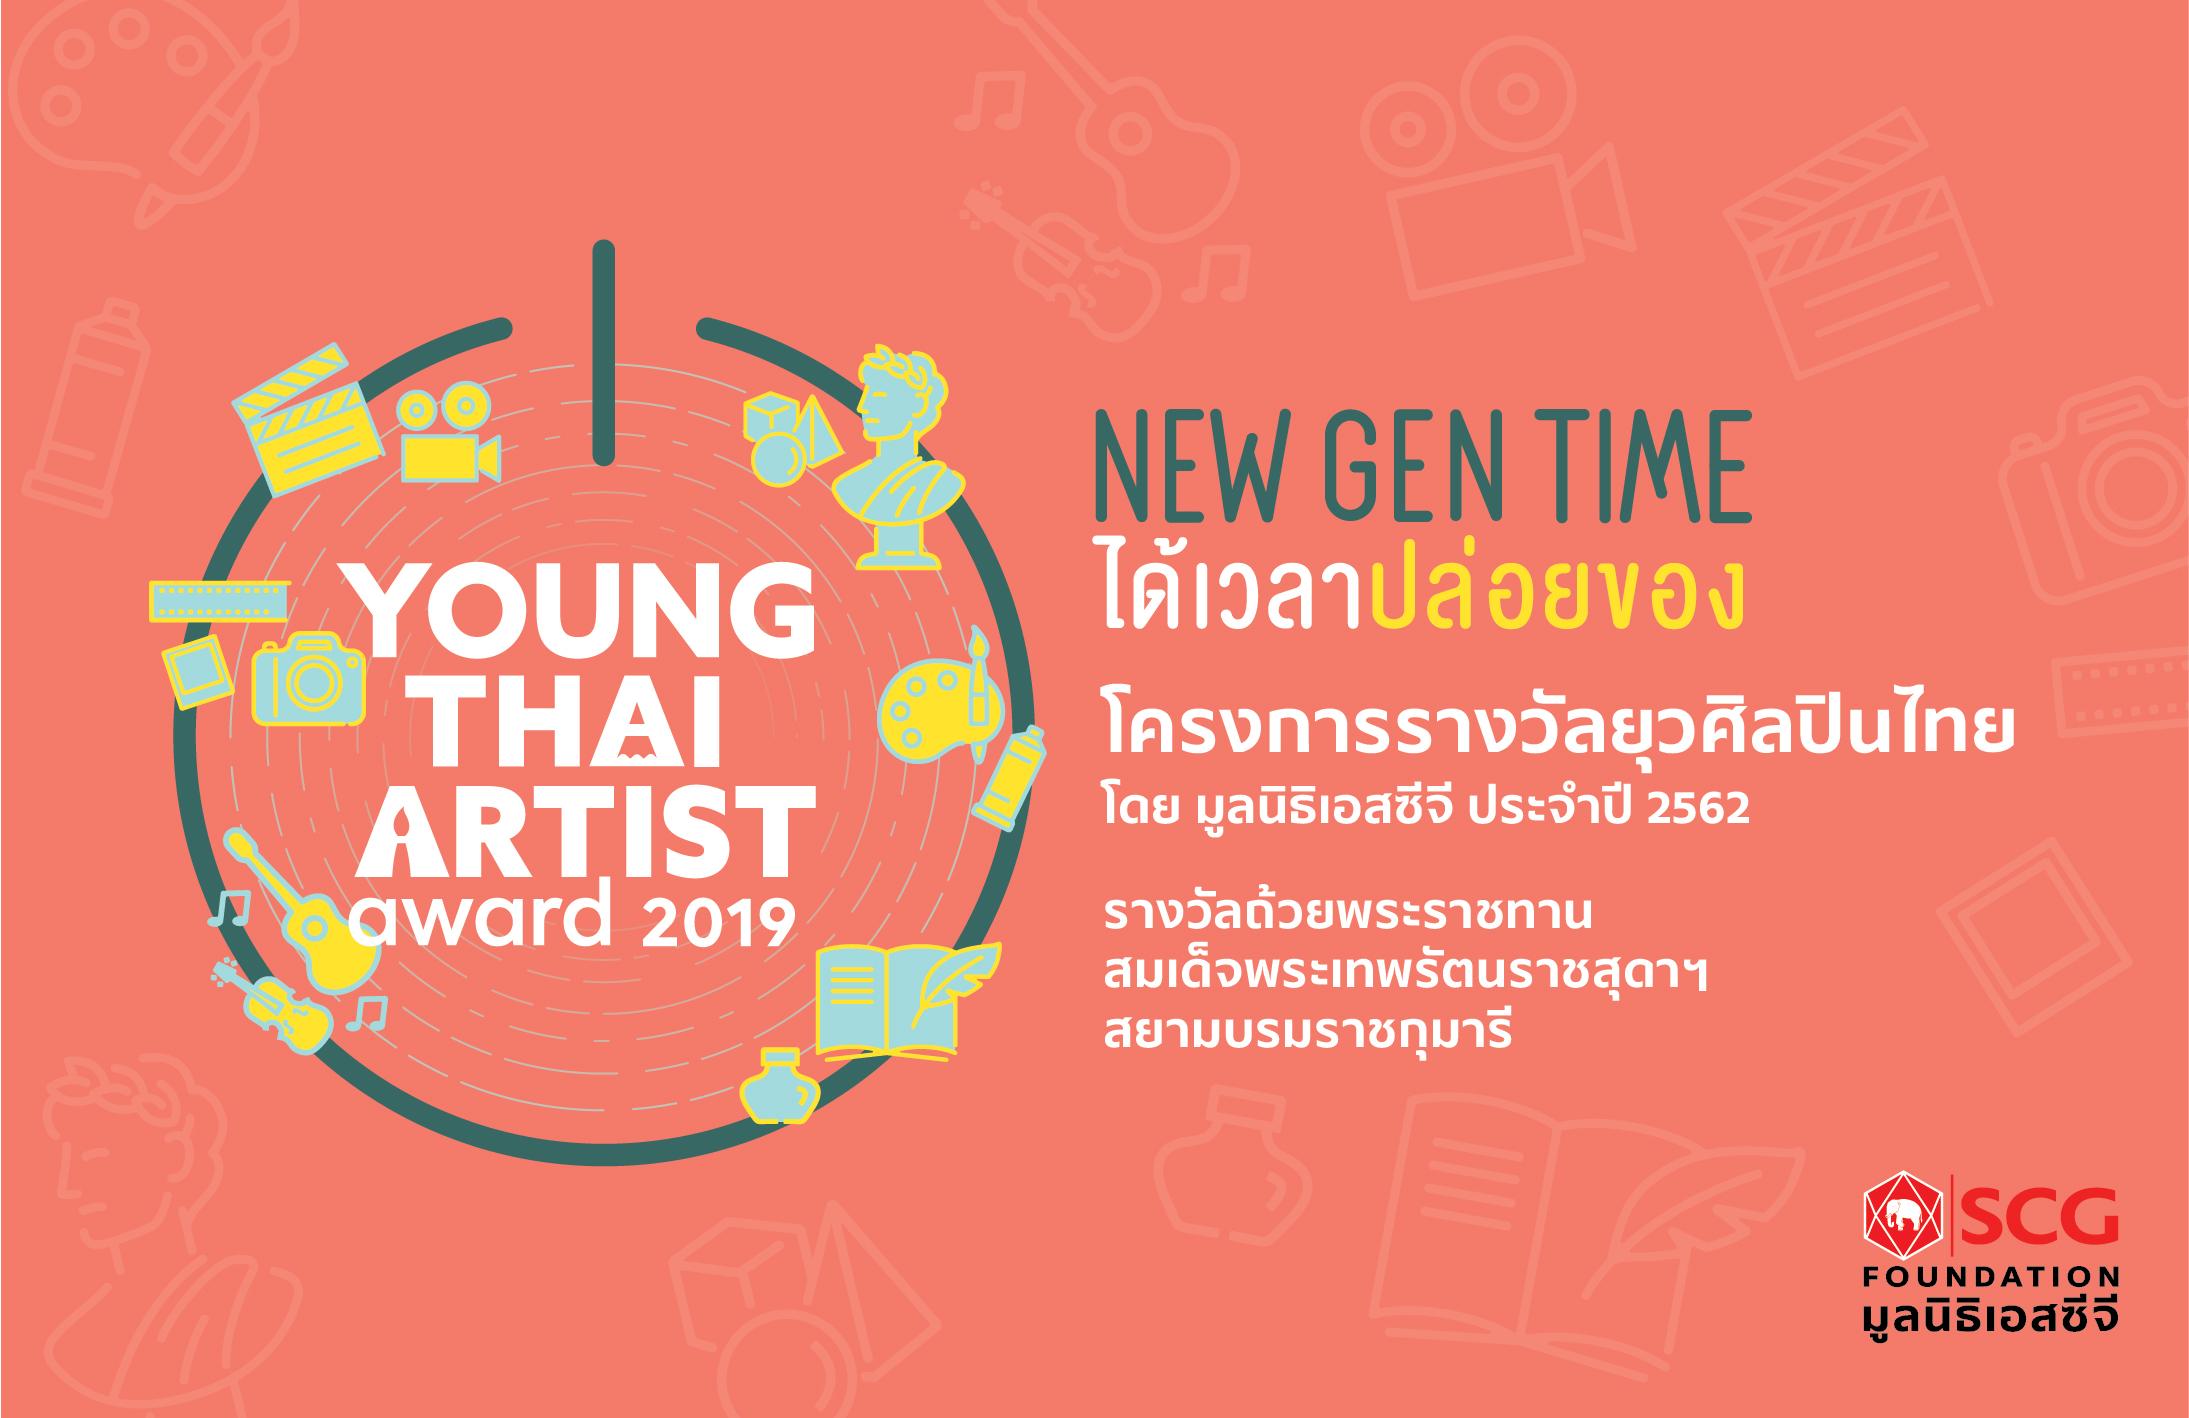 โครงการรางวัลยุวศิลปินไทย ประจำปี 2562